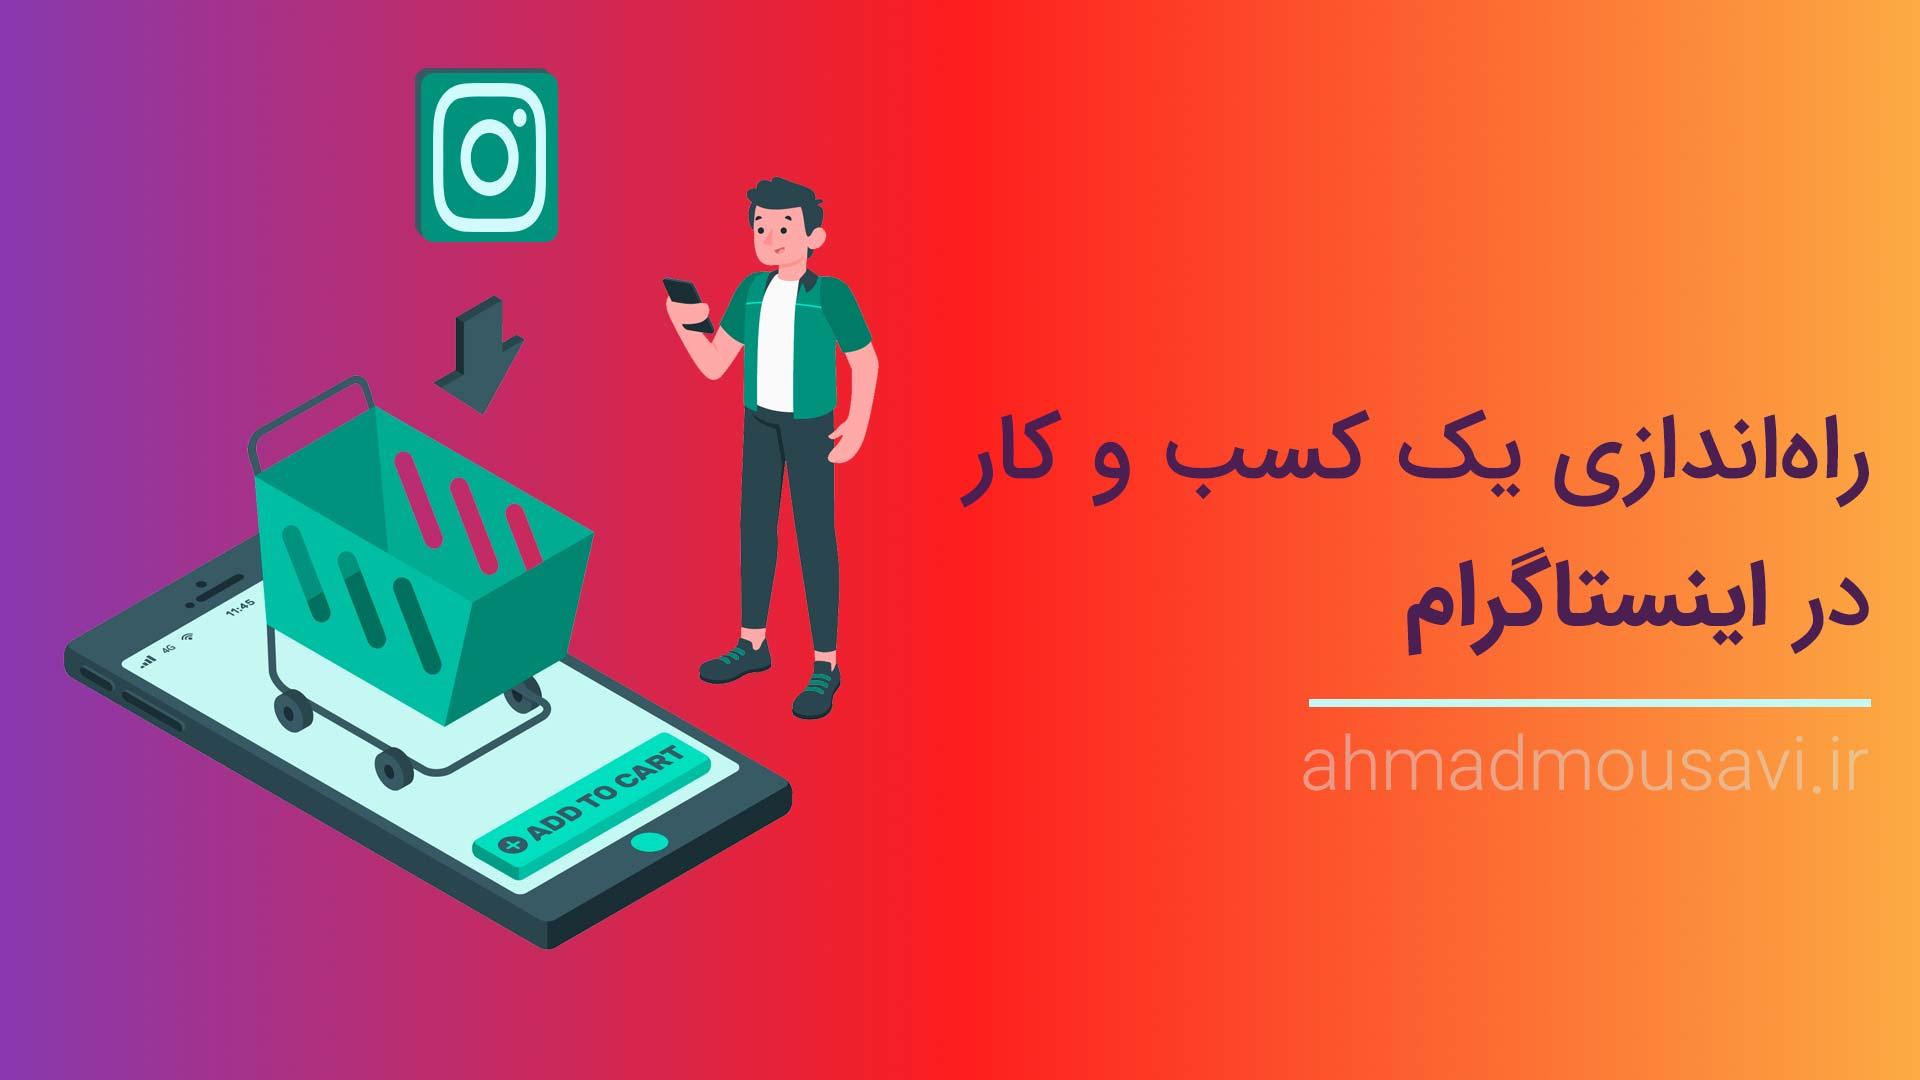 فروشگاه اینستاگرامی - سید احمد موسوی